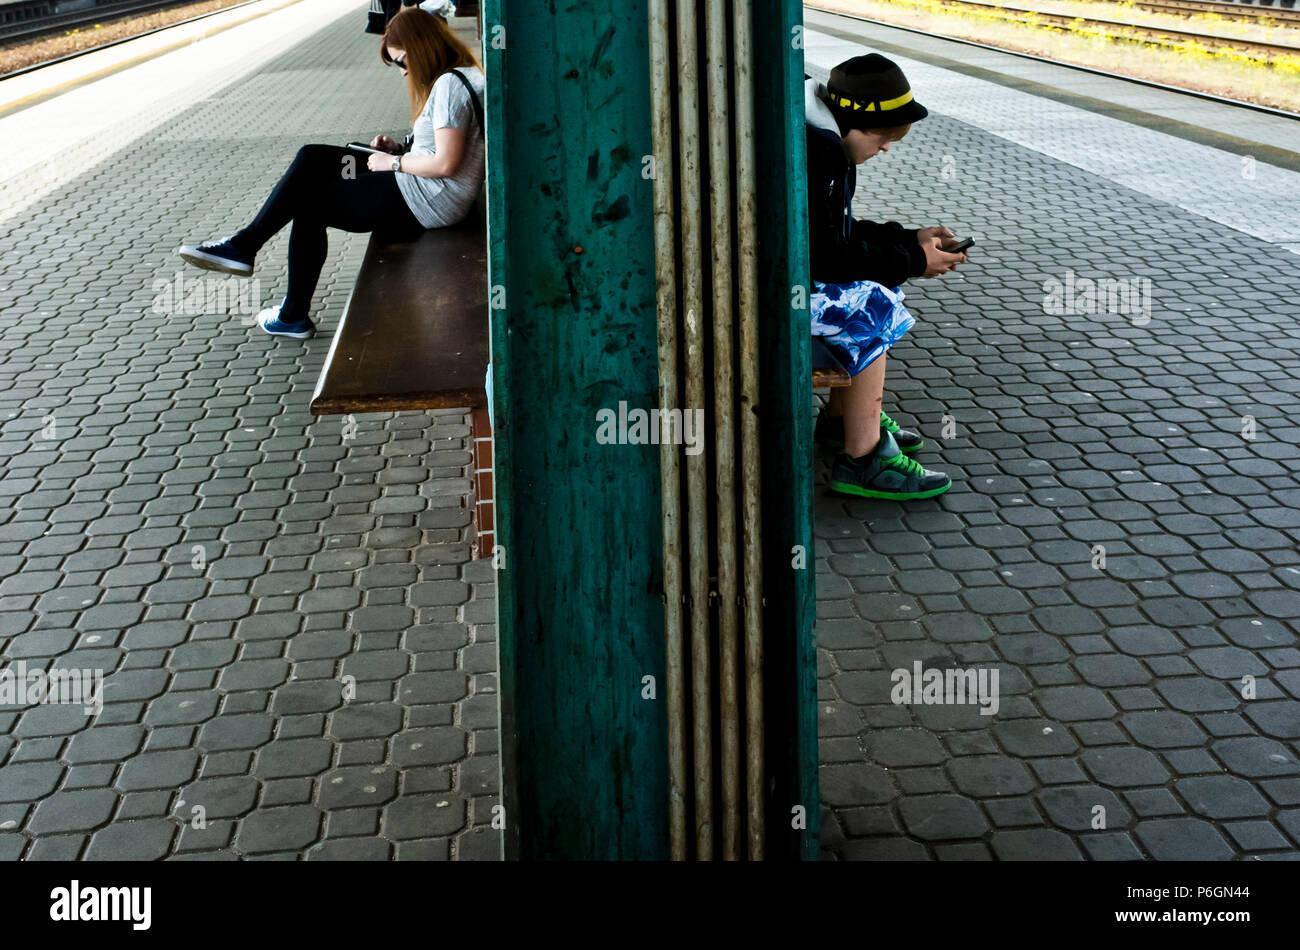 Un ragazzo e una ragazza seduta su una panchina di una stazione ferroviaria piattaforma, aspettando il treno e i messaggi di testo sui loro smartphone Immagini Stock